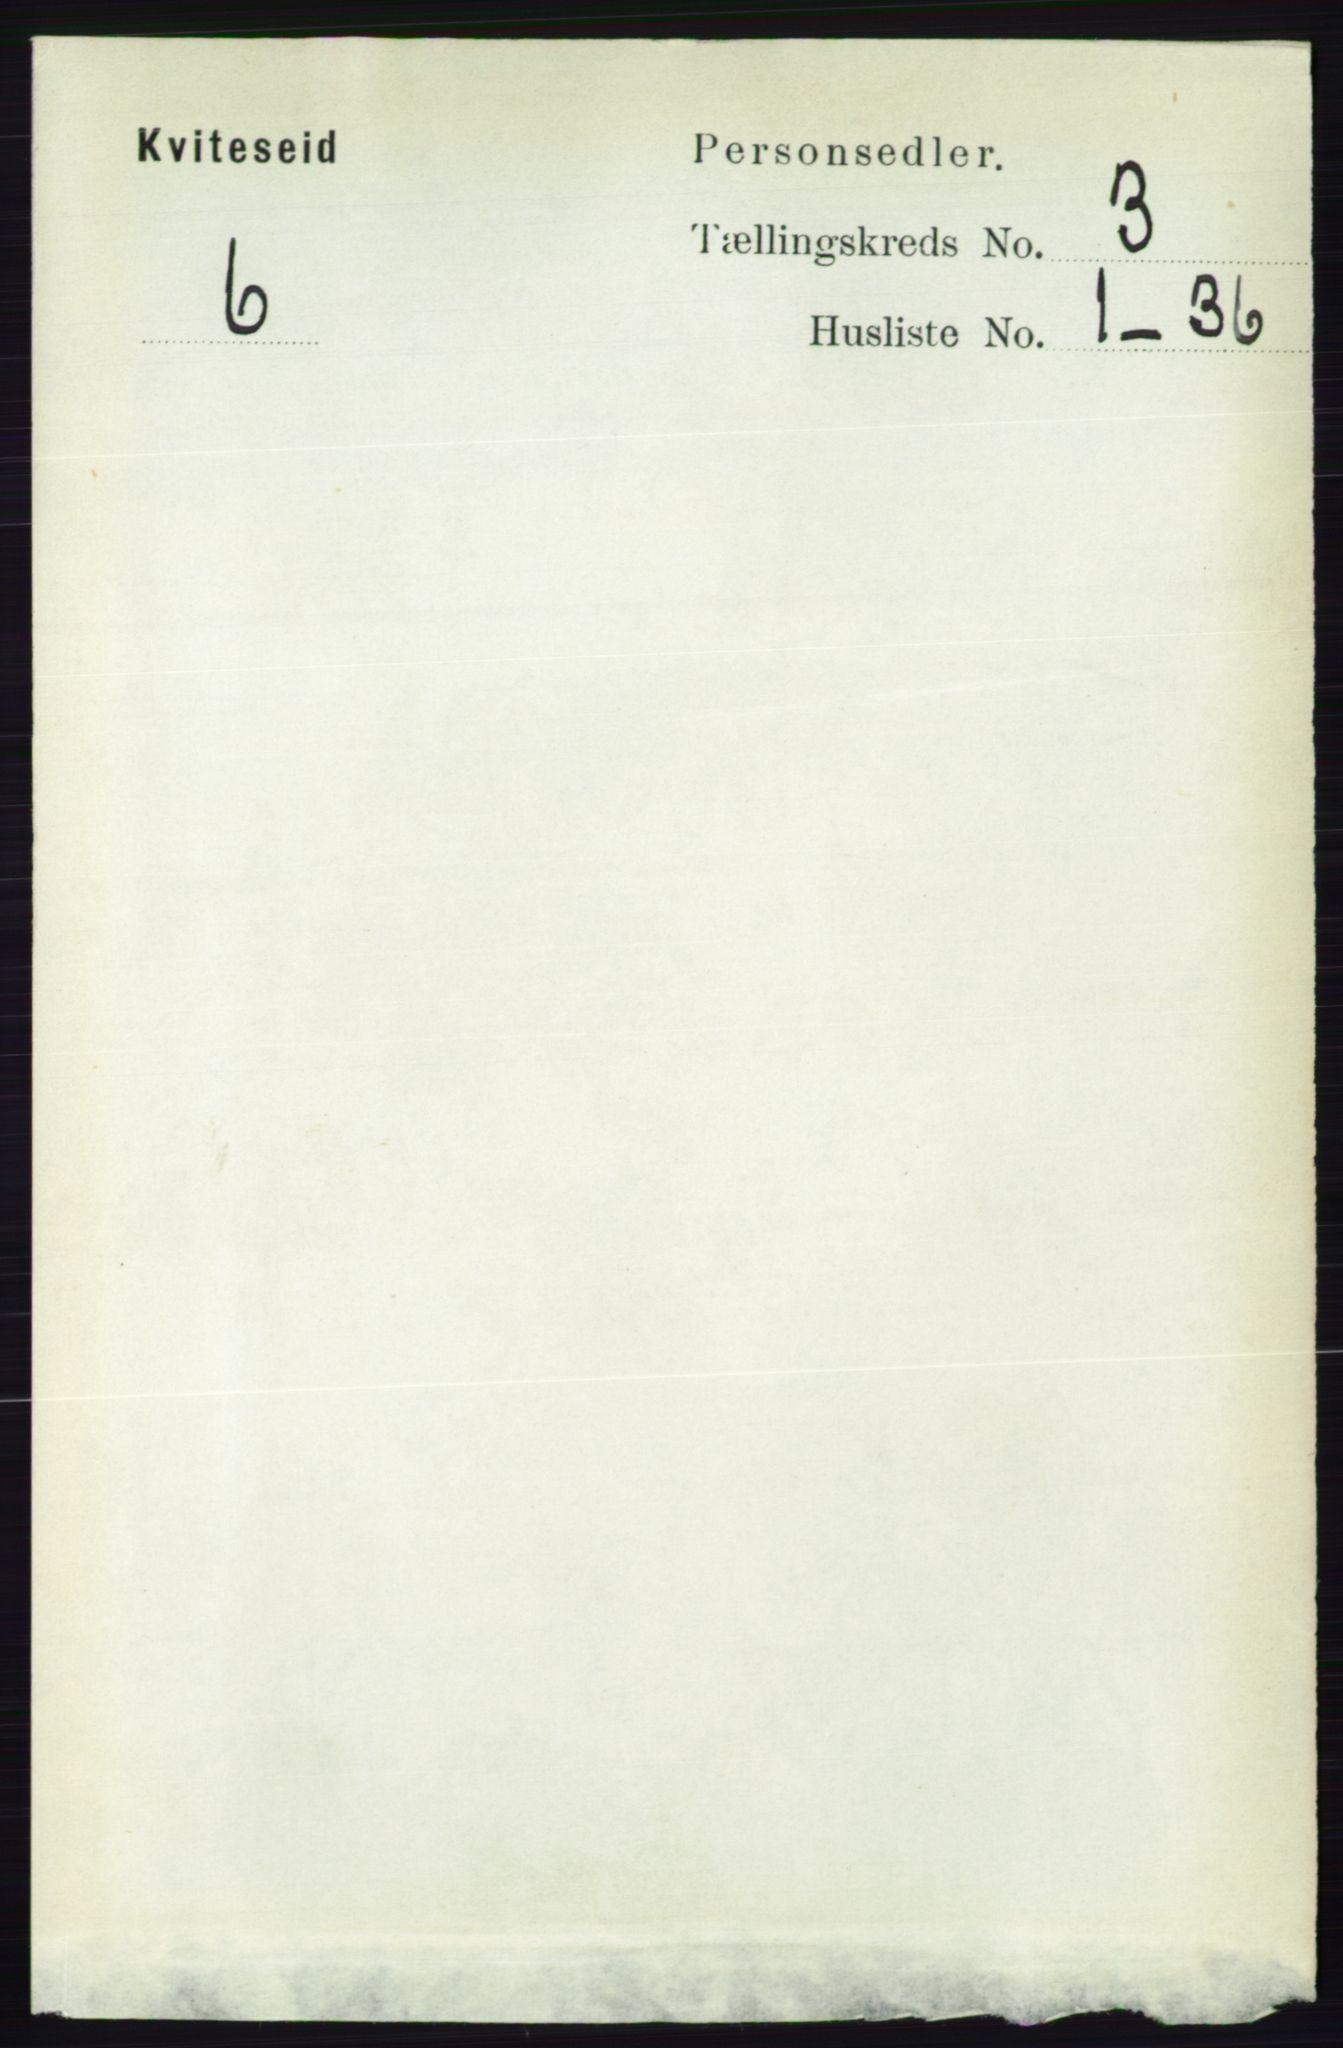 RA, Folketelling 1891 for 0829 Kviteseid herred, 1891, s. 501